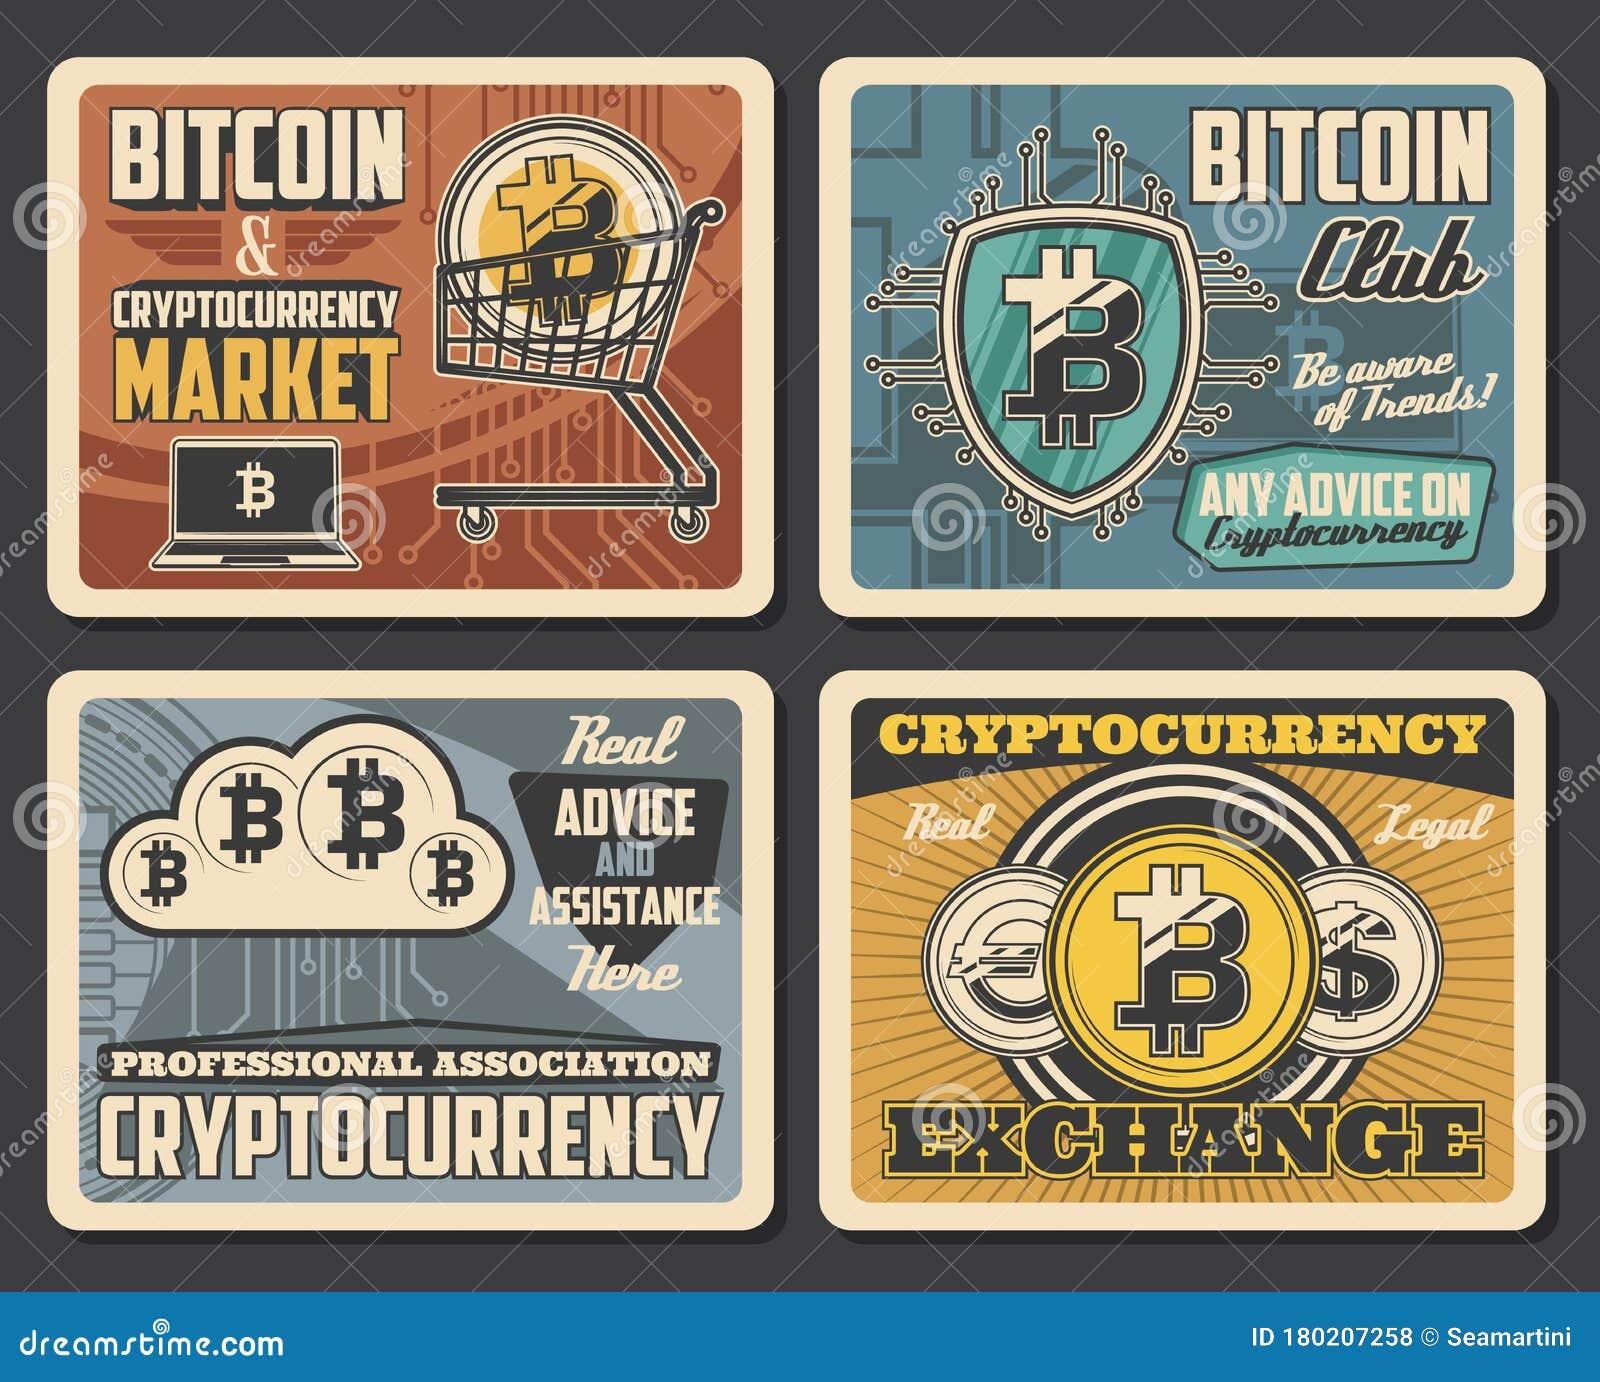 bitcoin robotas 0 1 bitcoin vertė